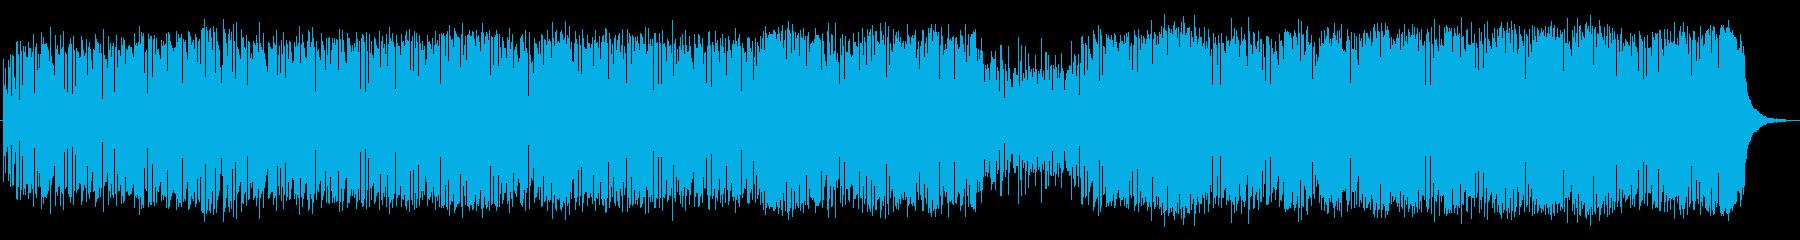 パーカッシヴなジャズ・ファンクの再生済みの波形